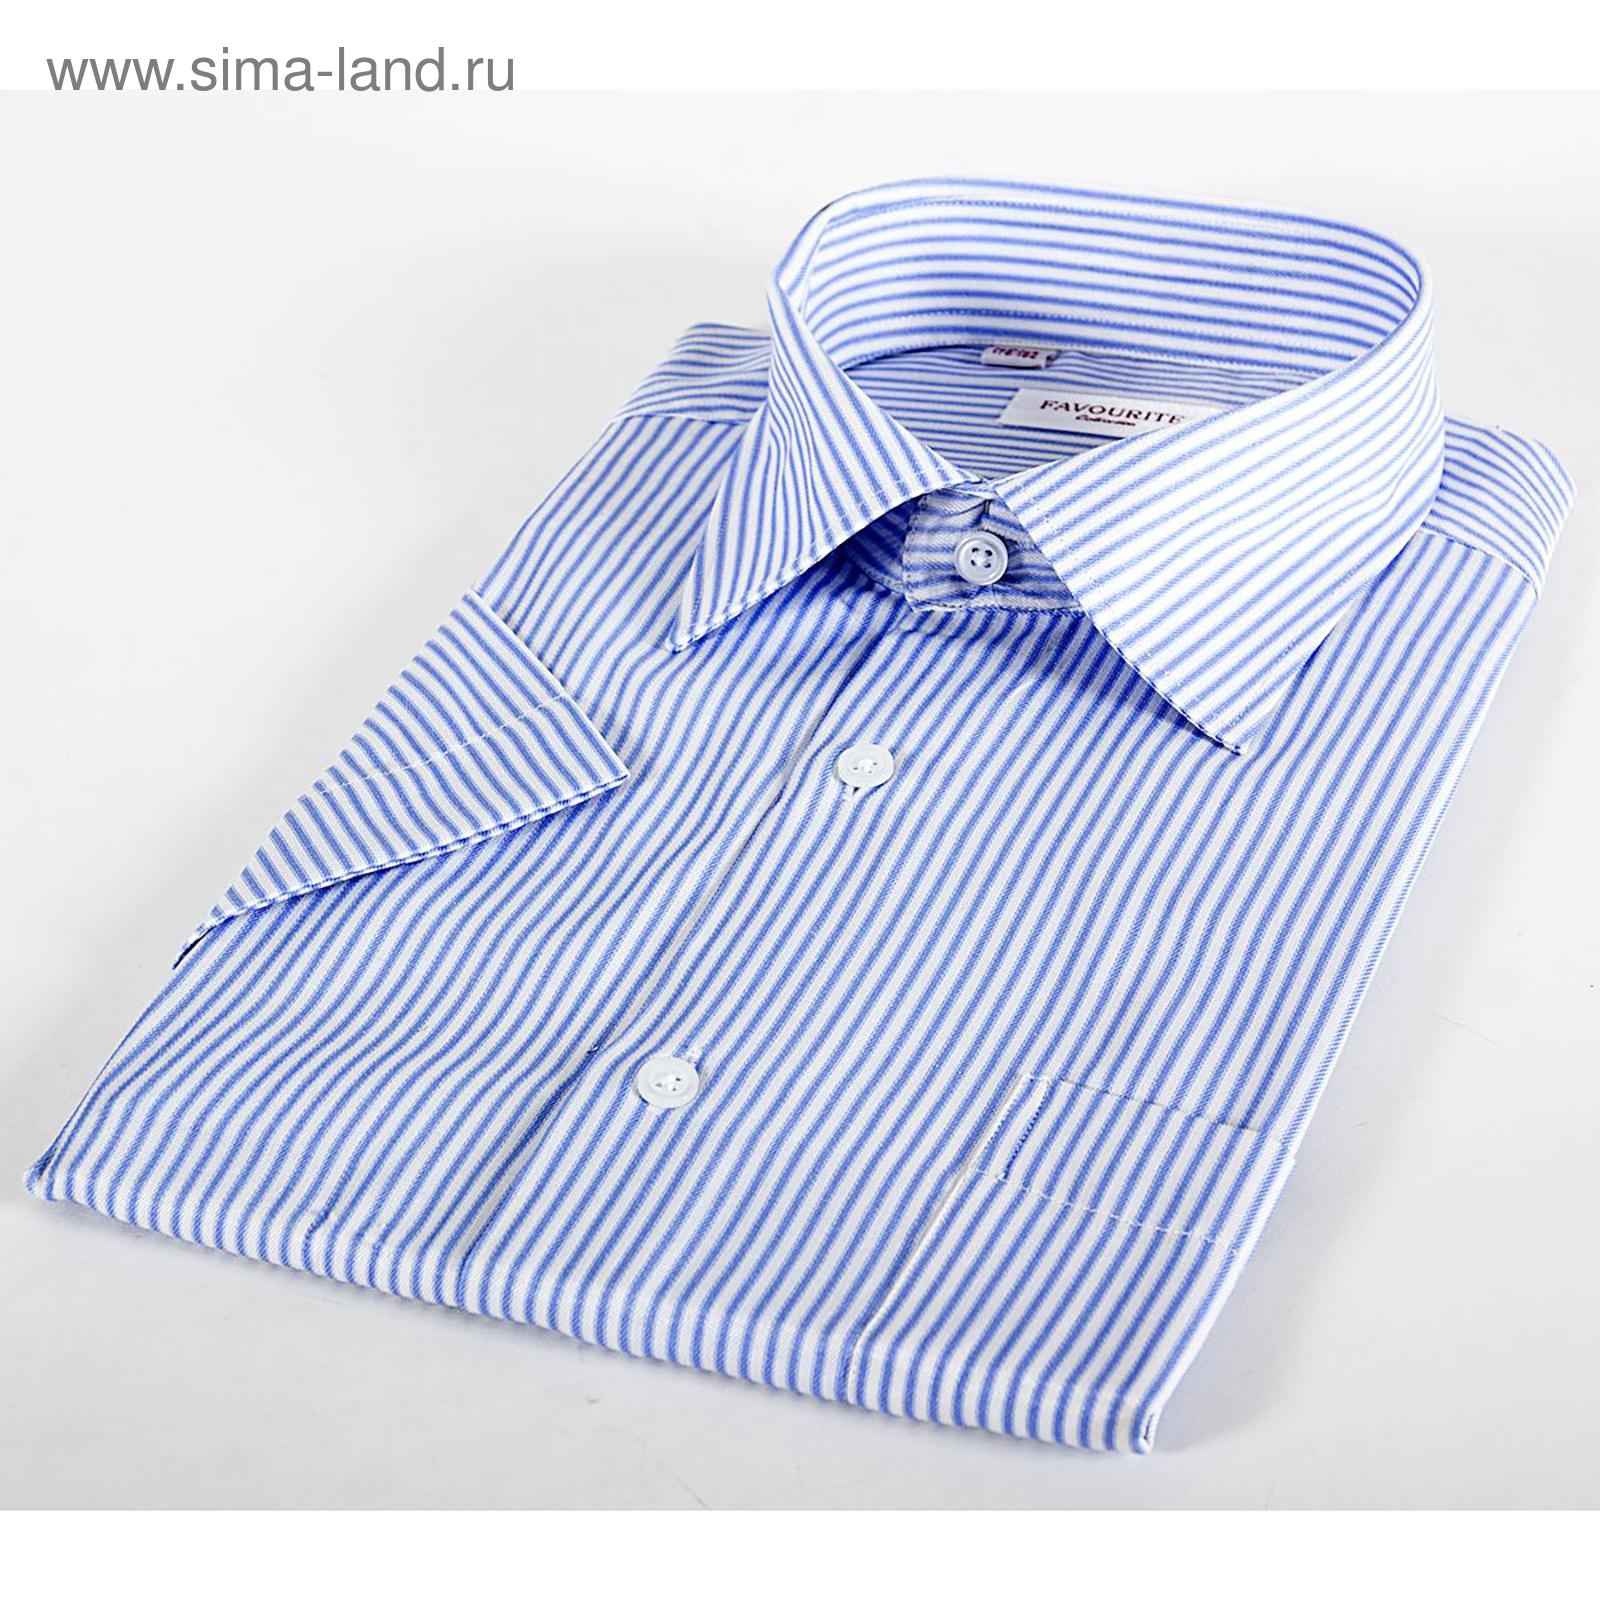 a256a9e1e6537a3 Сорочка мужская с коротким рукавом 203169s_FAV цвет голубой, р-р 41 (176-